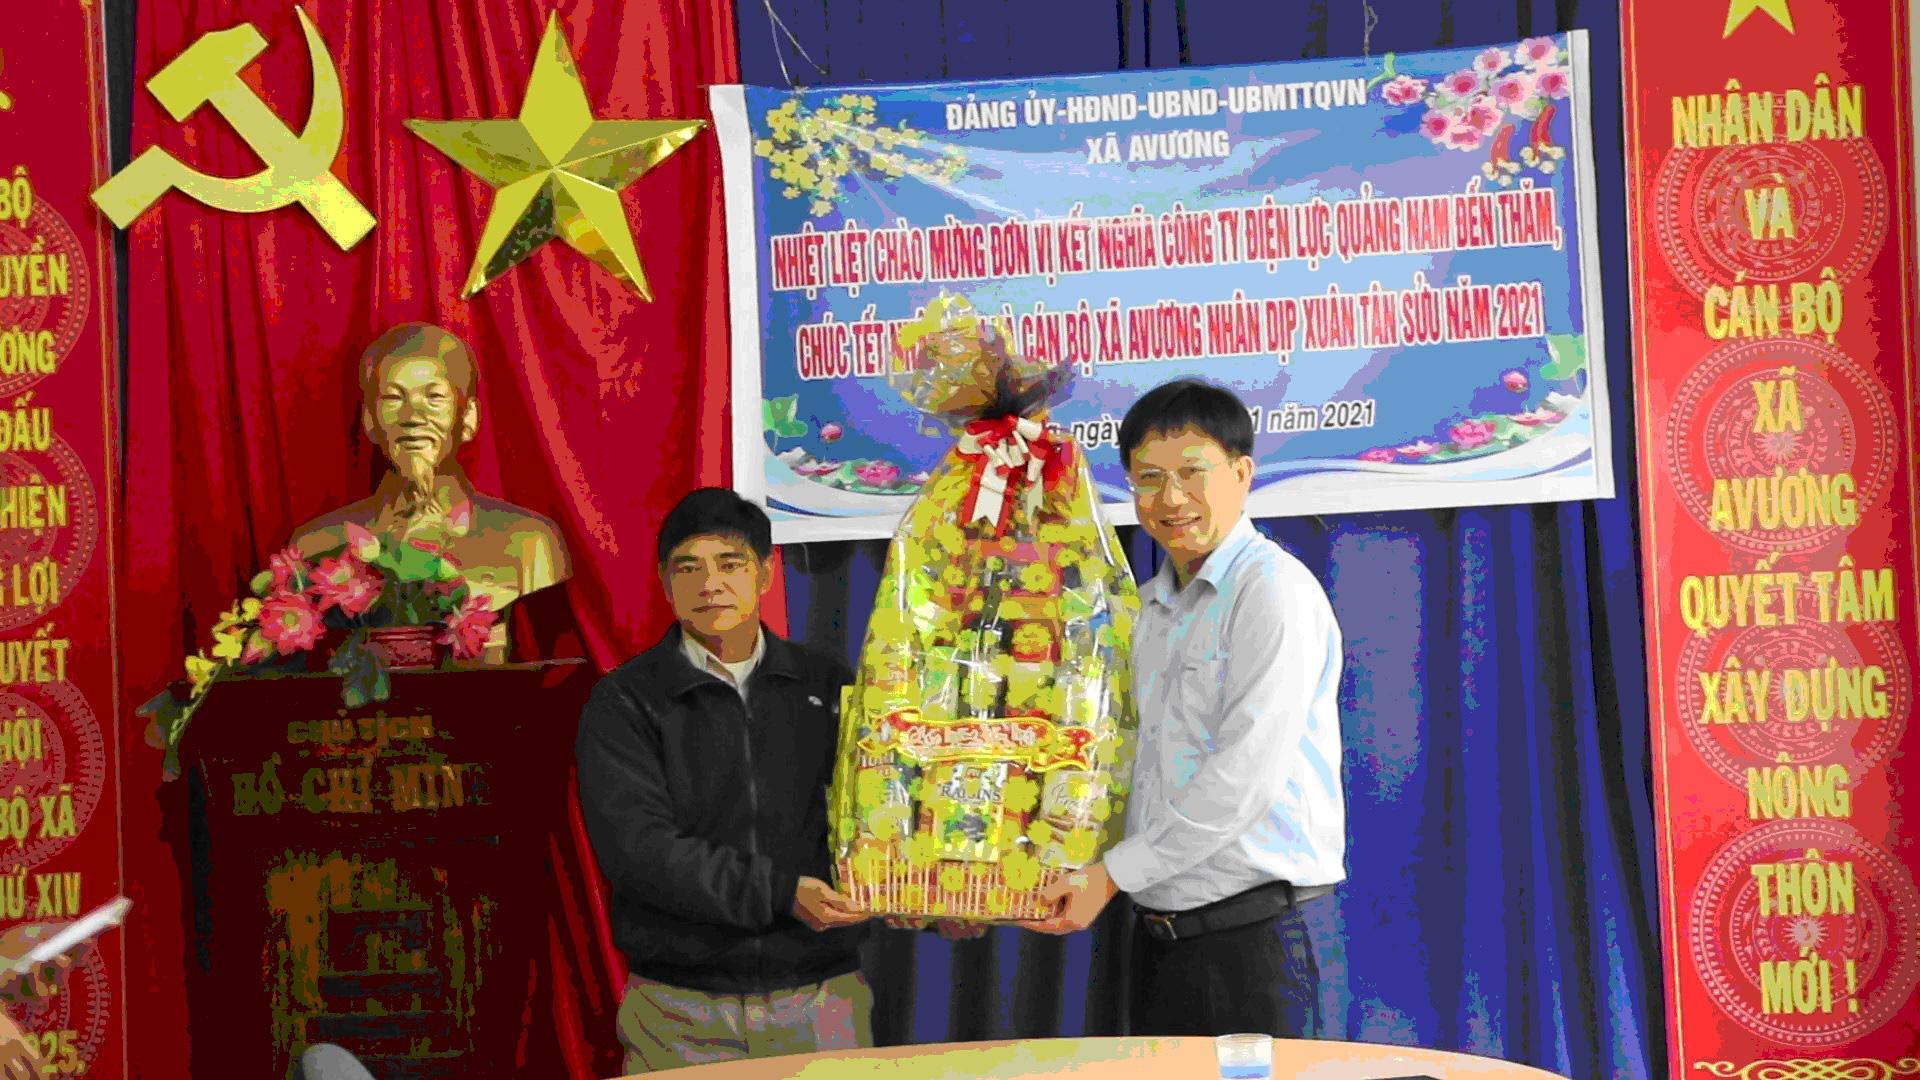 Công ty Điện lực Quảng Nam thăm, tặng quà tết cho người dân xã A Vương - Ảnh 2.